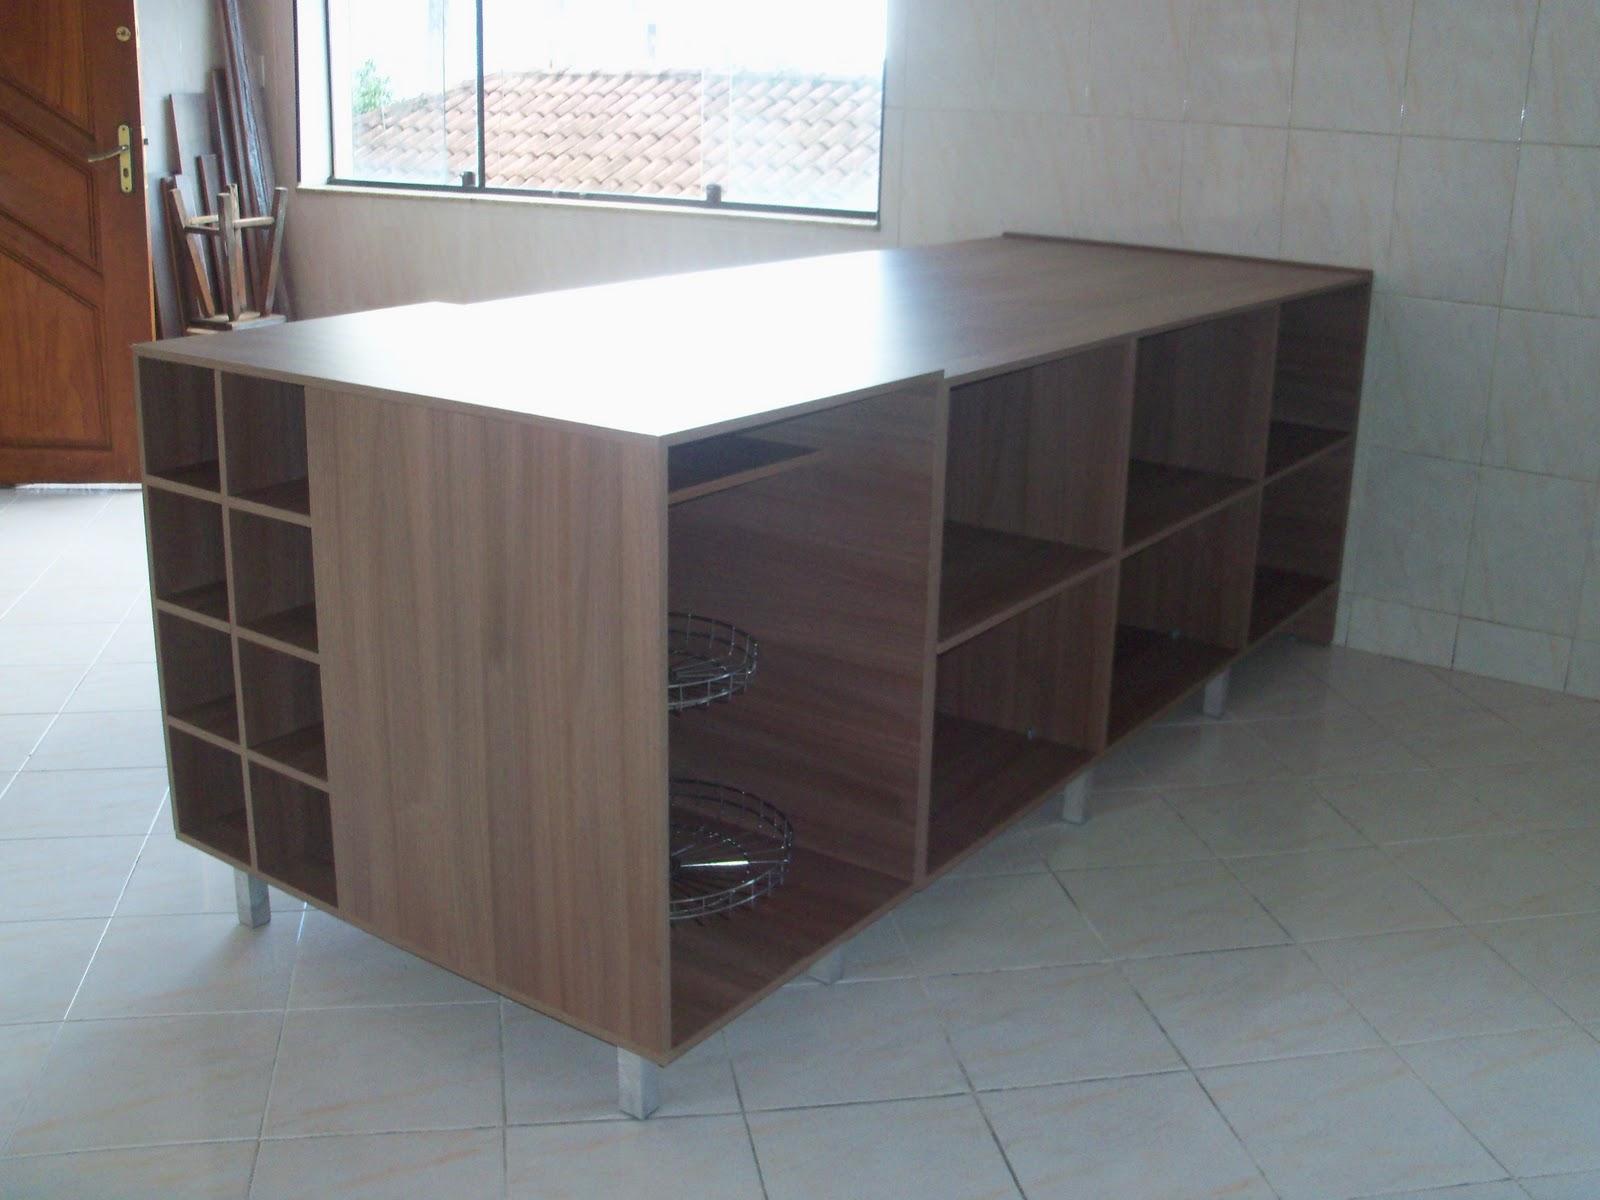 Bancada de cozinha com espaços para garrafas de vinho e fruteira  #644538 1600x1200